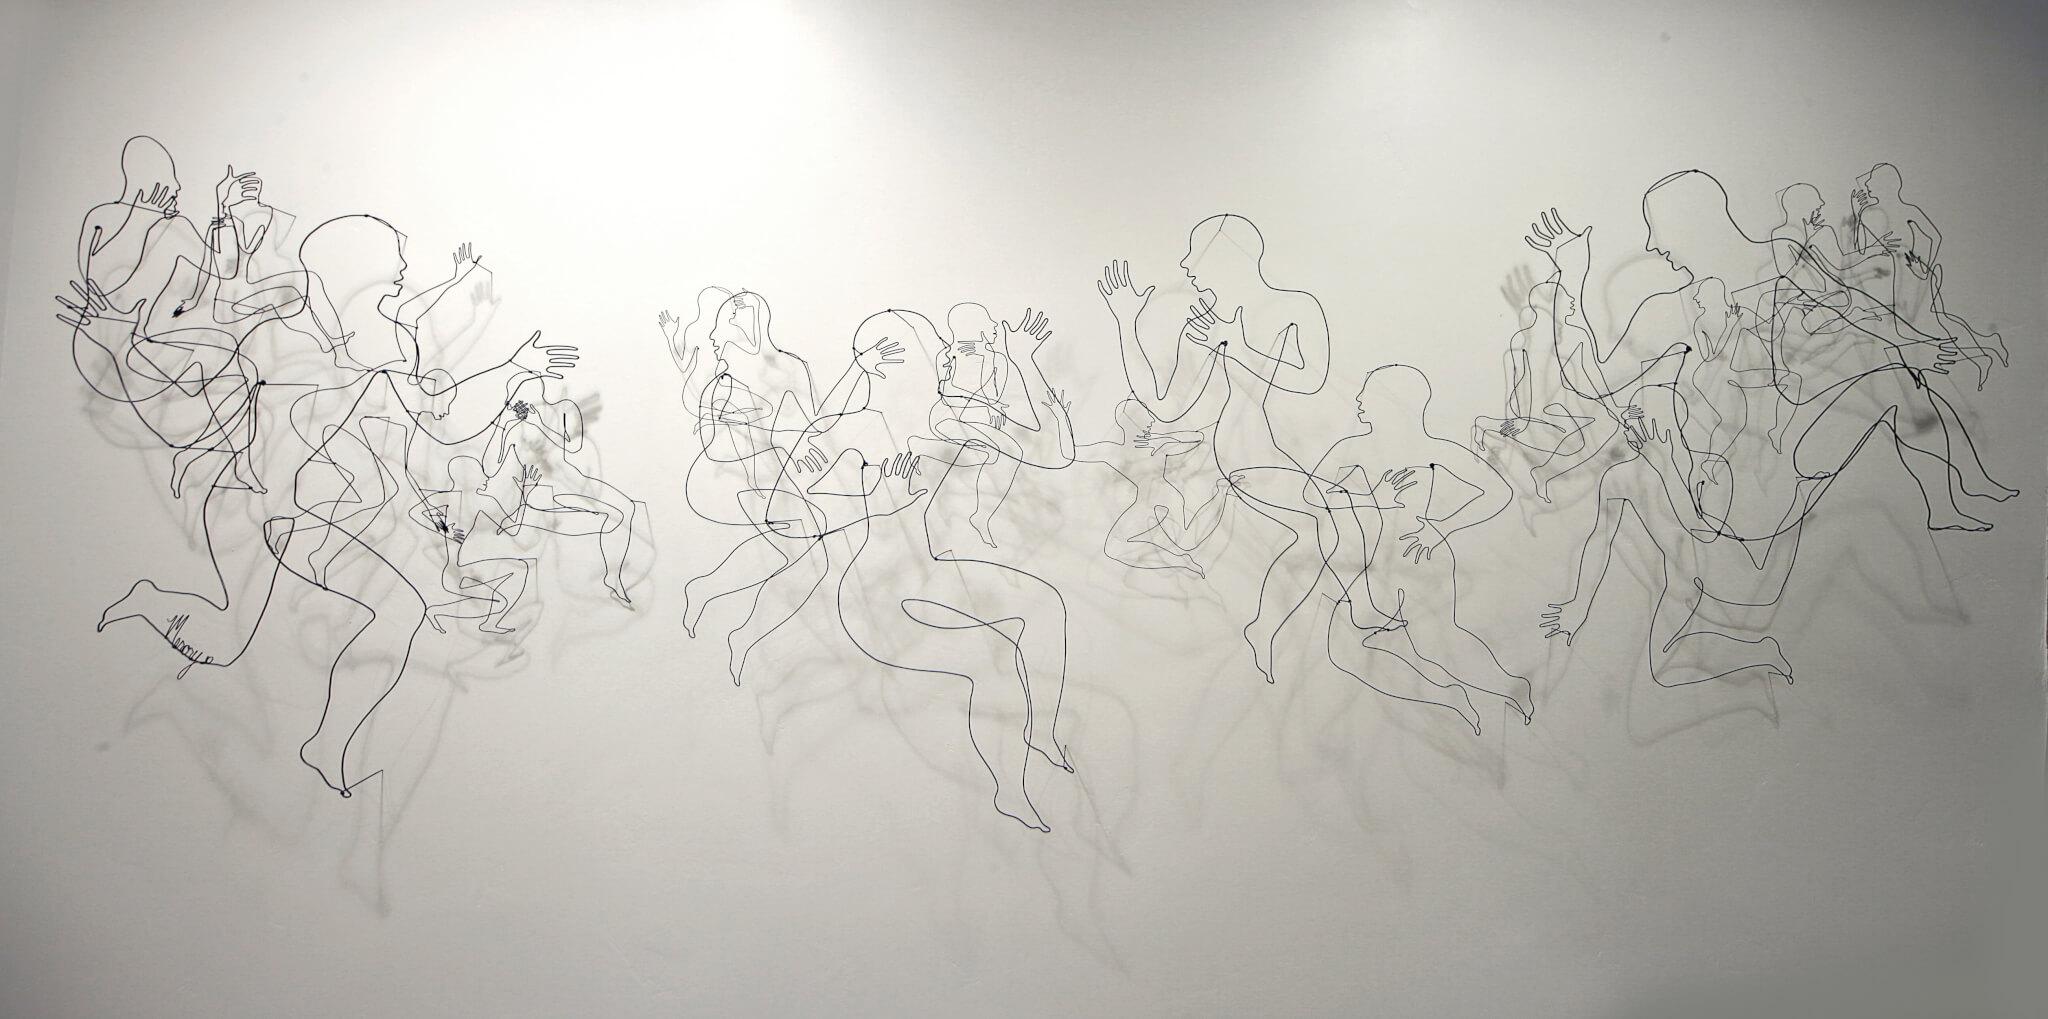 Pamela Merory Dernham, The Pleasures of Conversation, 2010